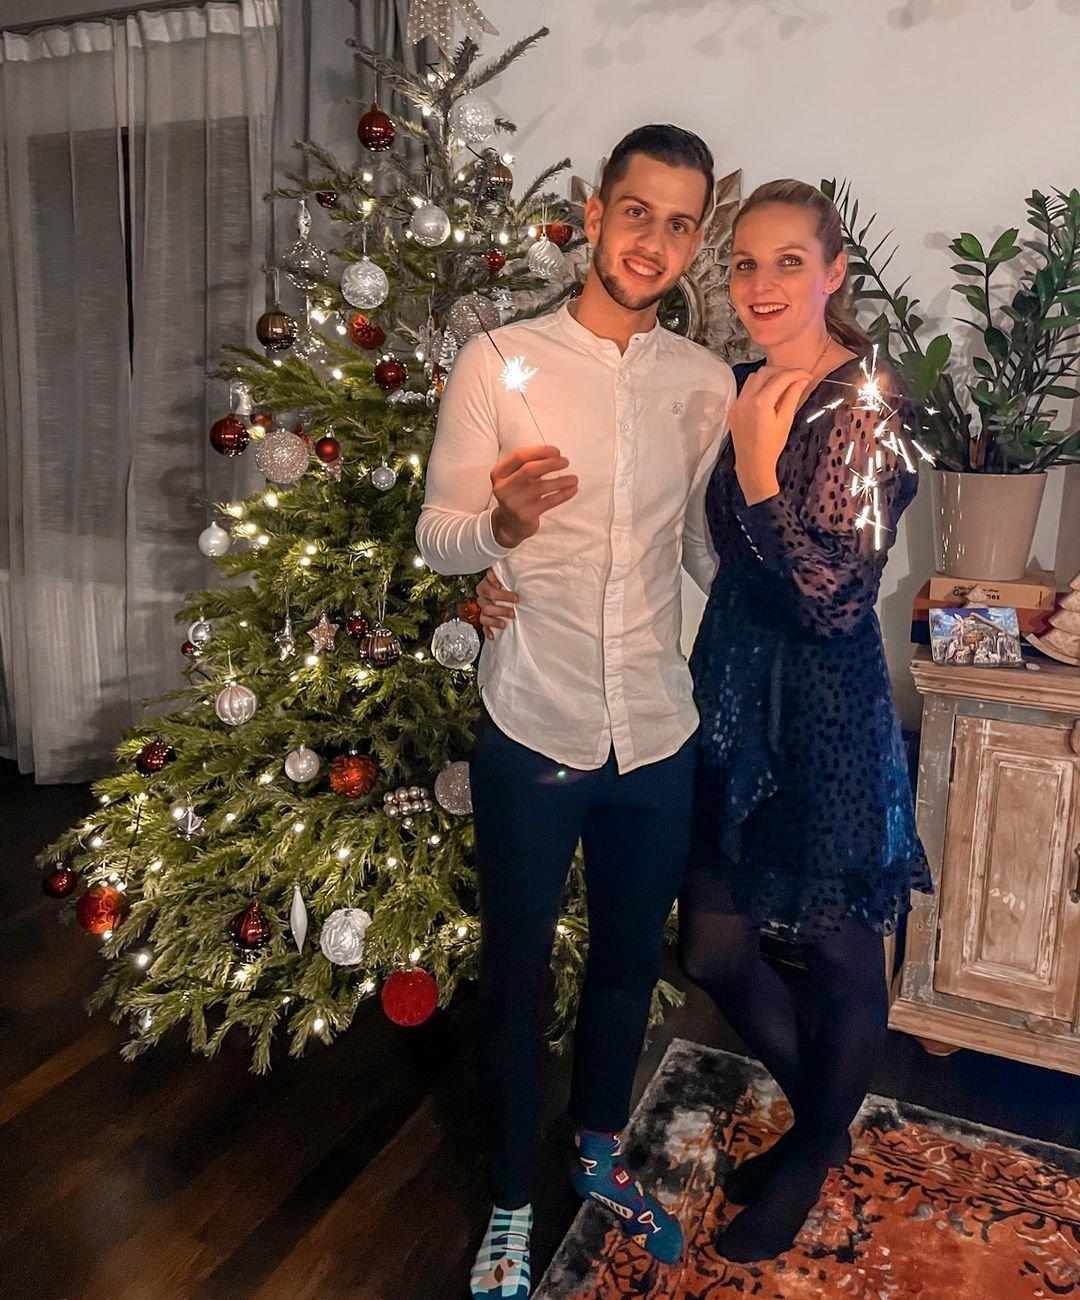 Kristýna Plíšková s Dávidem Hanckem vstupují do další společné éry